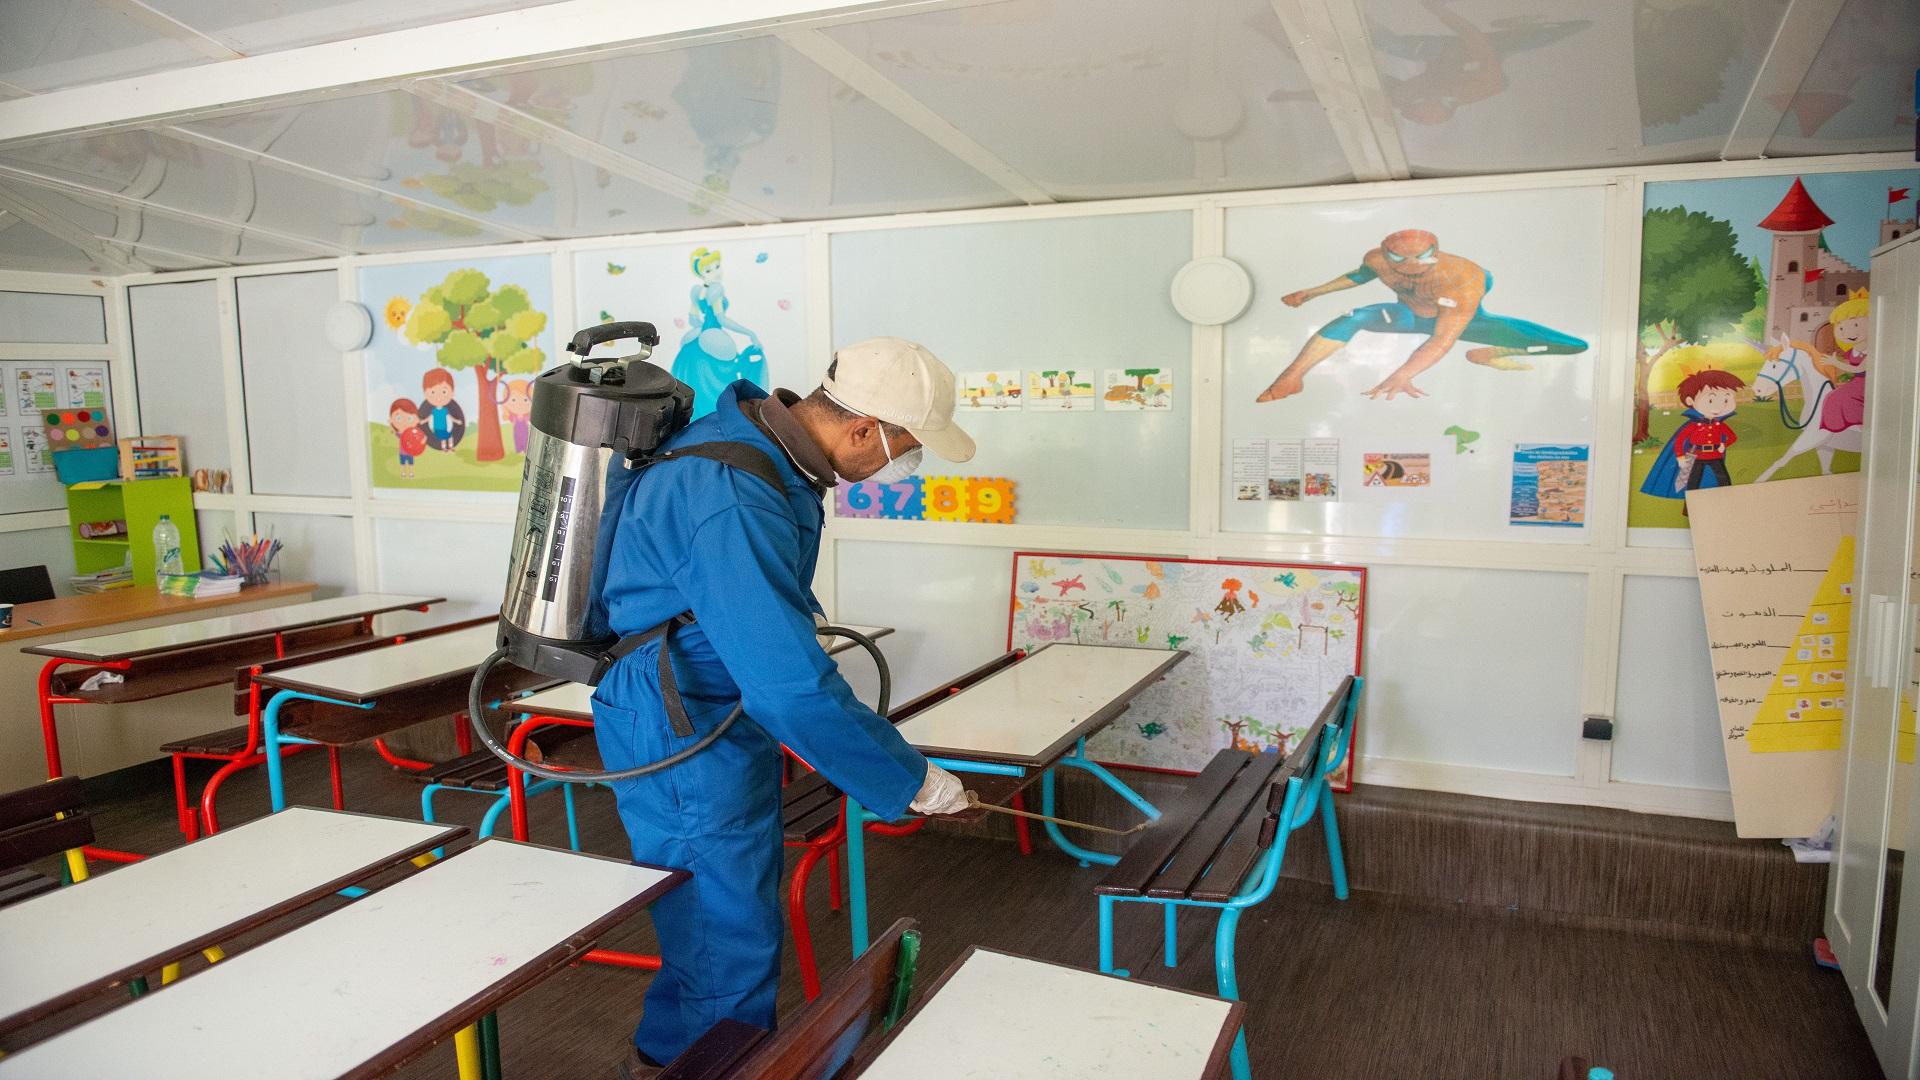 """صورة وزارتا الصحة و التعليم تتوعدان المؤسسات التعليمية التي لا تحترم تدابير الوقاية من كورونا بـ """"الإغلاق الفوري"""""""